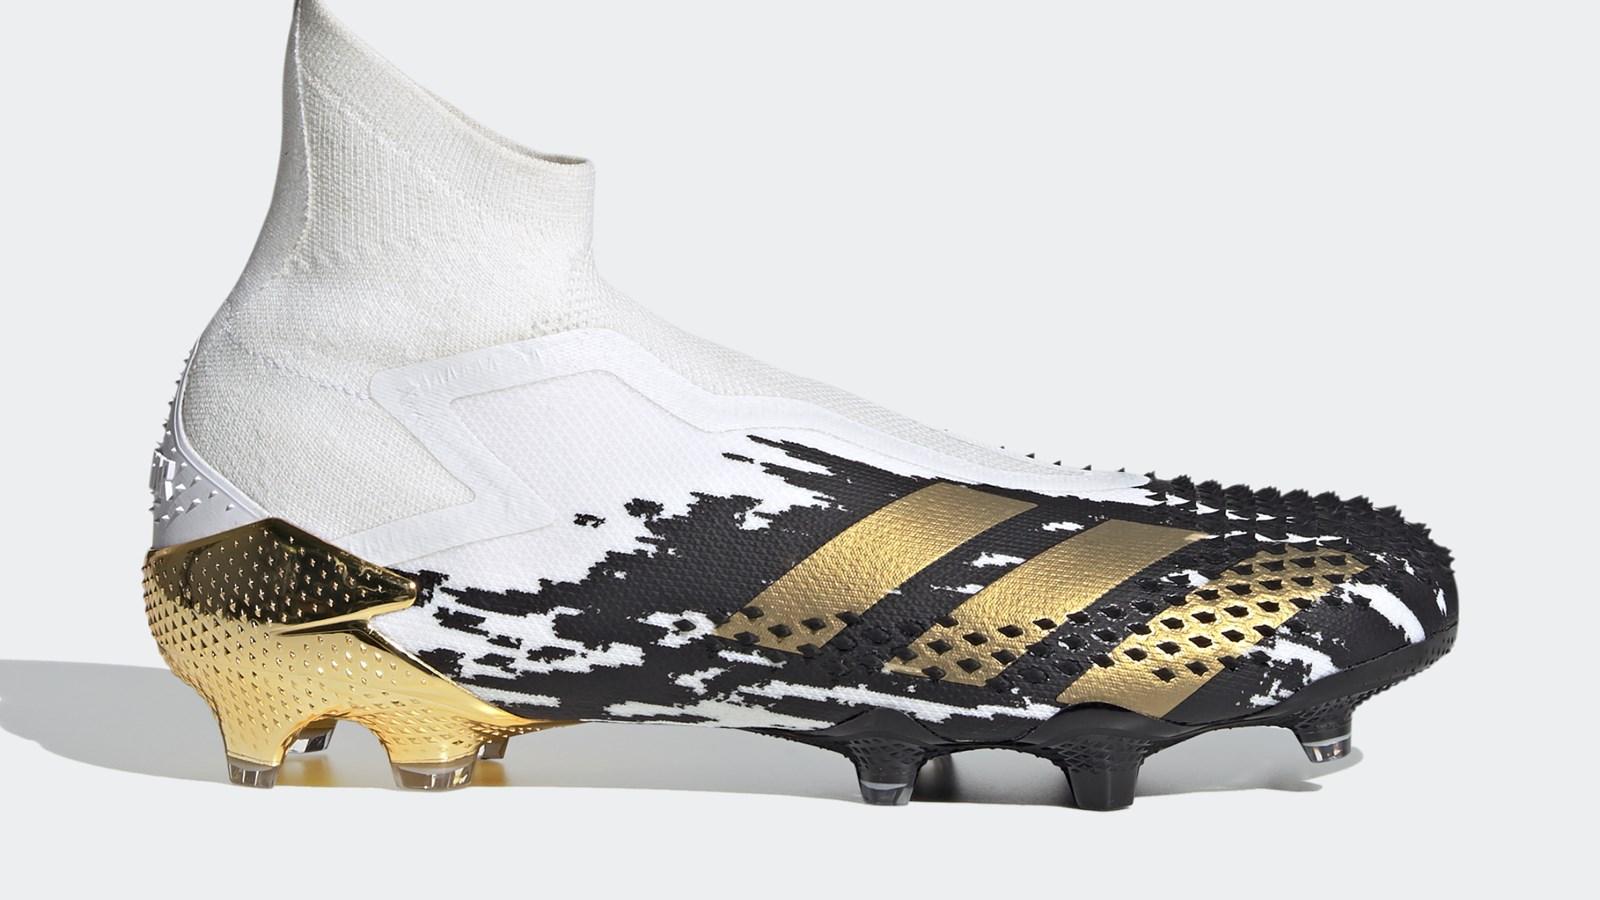 Predator 20+ bản không dây với thiết kế cực kỳ đẹp mắt và chất lượng của Adidas